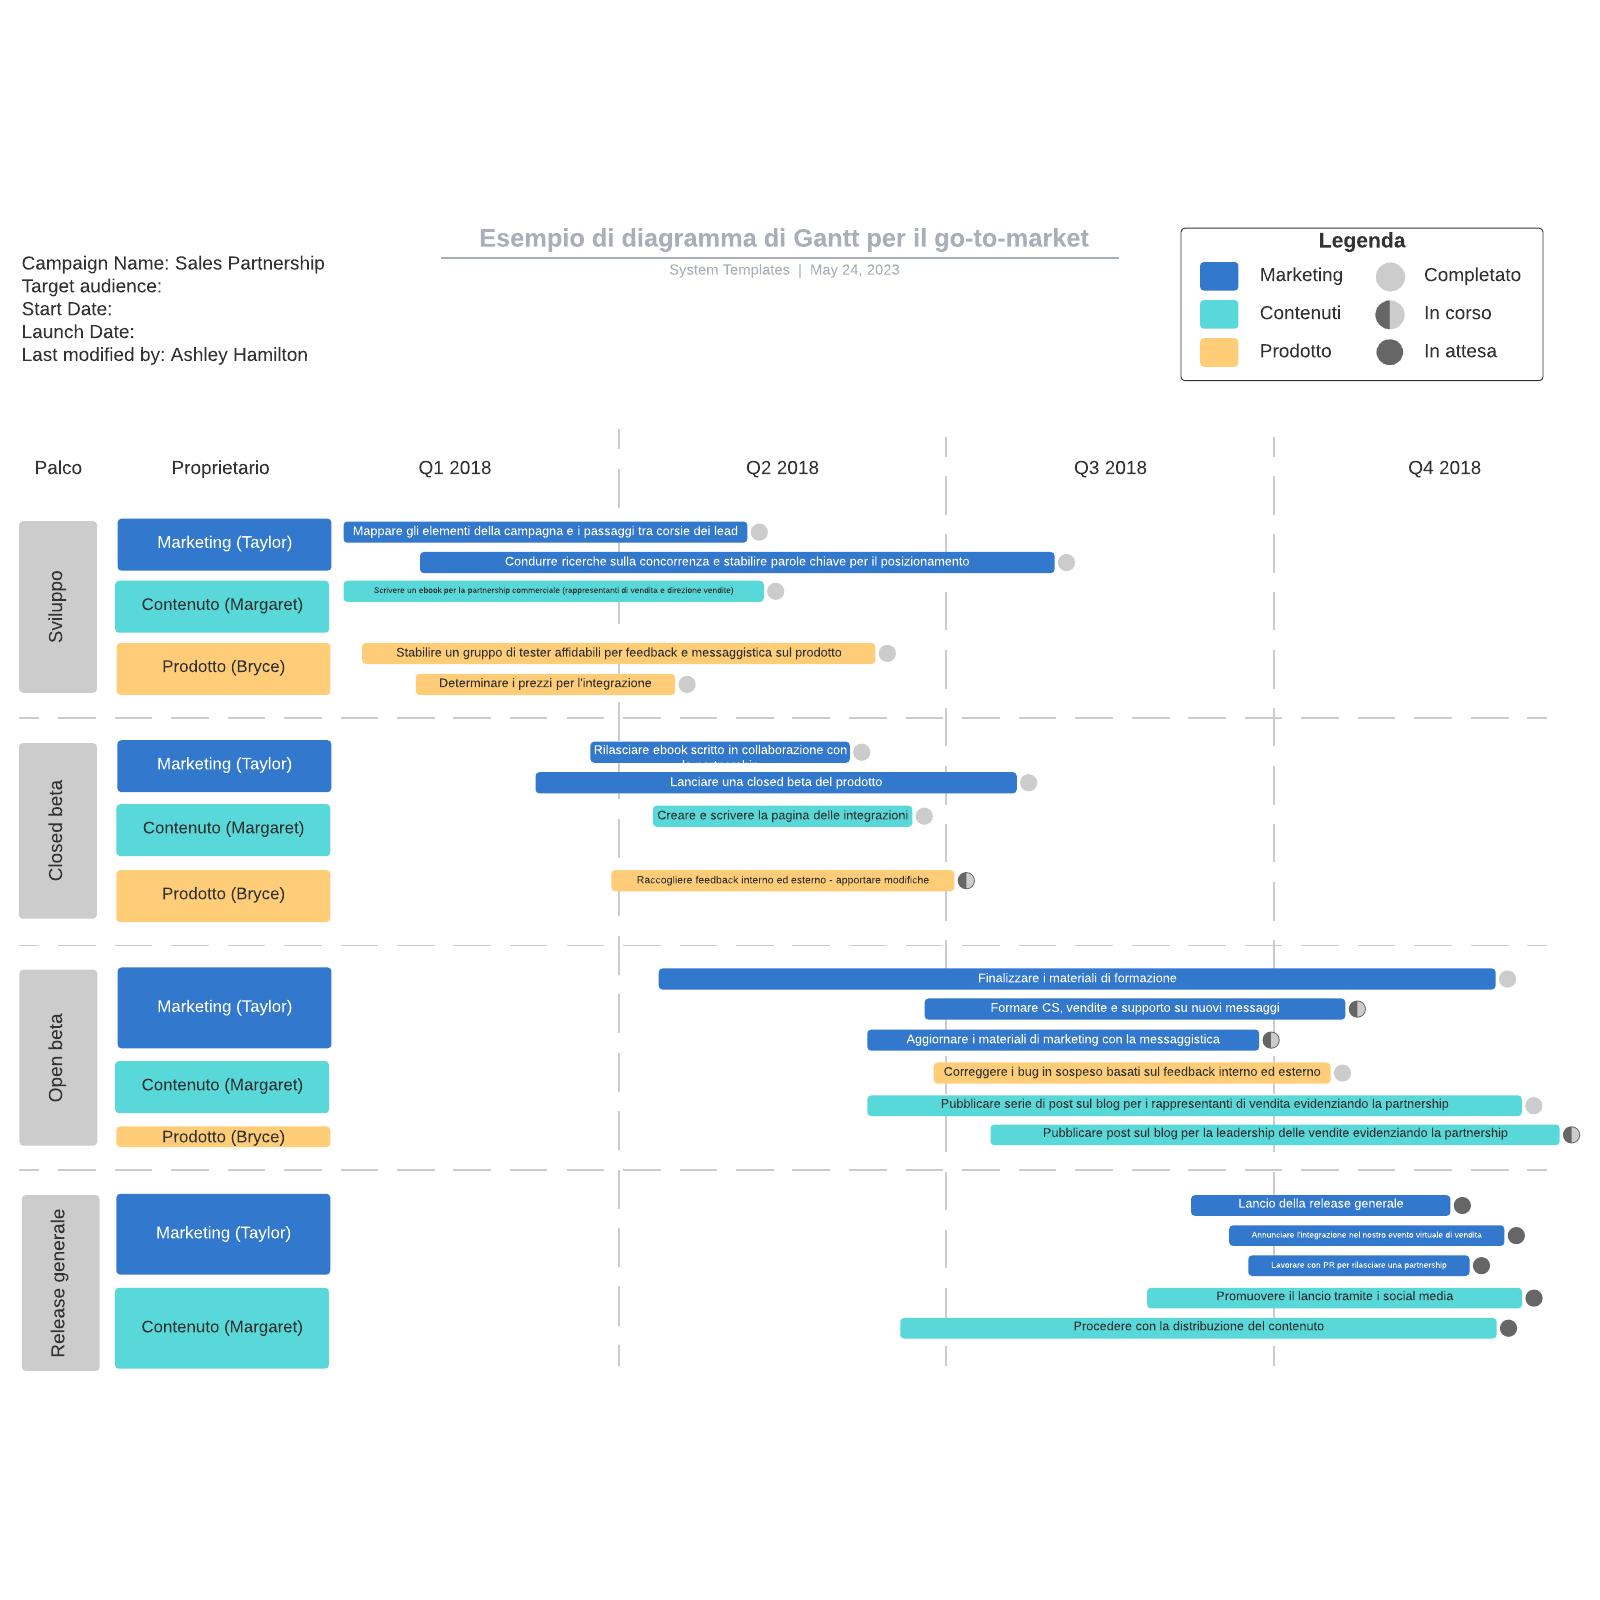 Esempio di diagramma di Gantt per il go-to-market